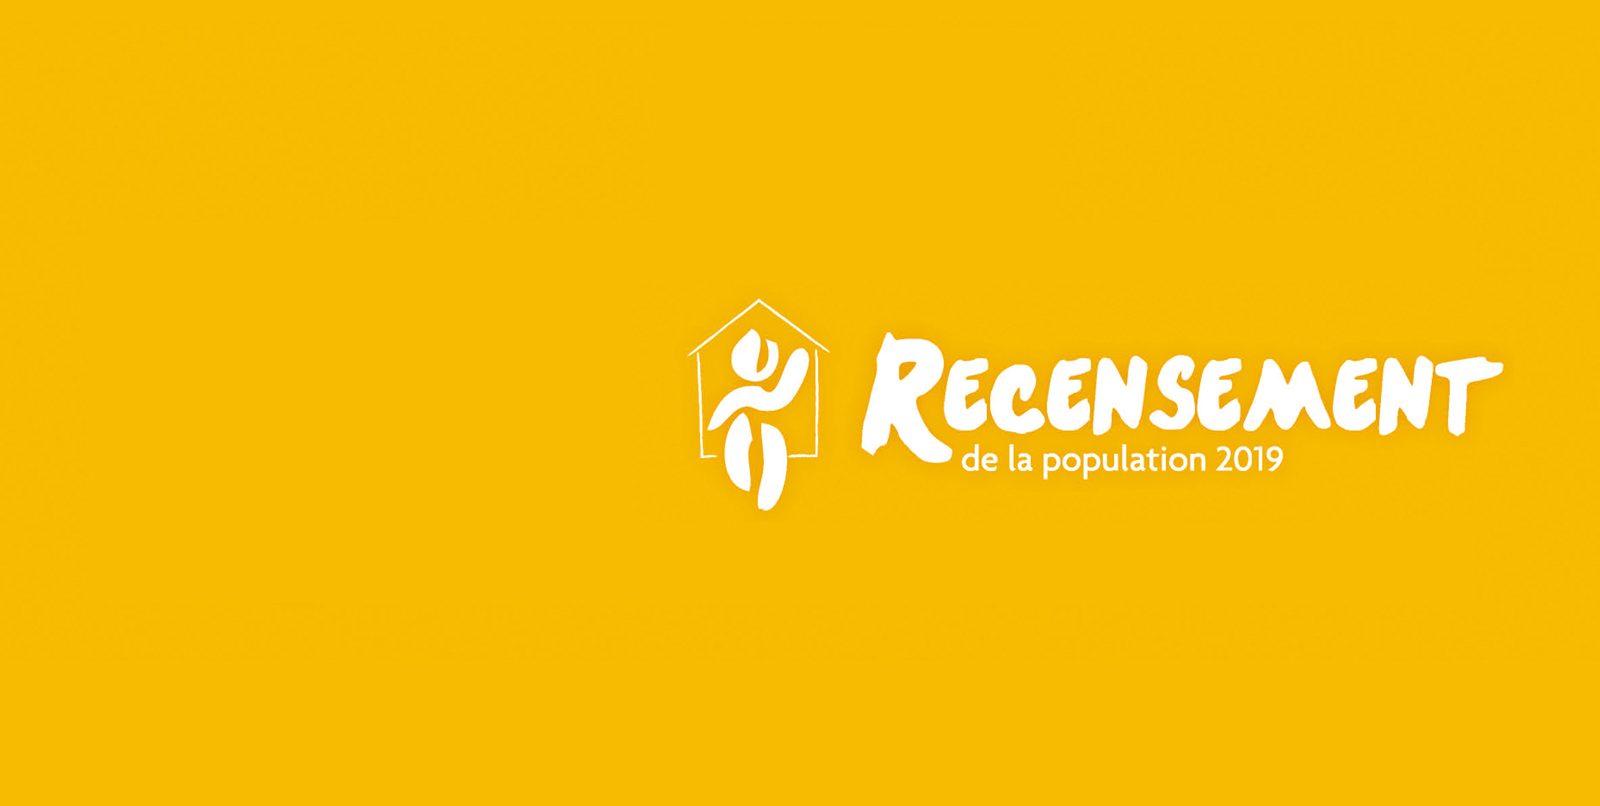 Recensement de la population d'Aulnay-sous-Bois 2019